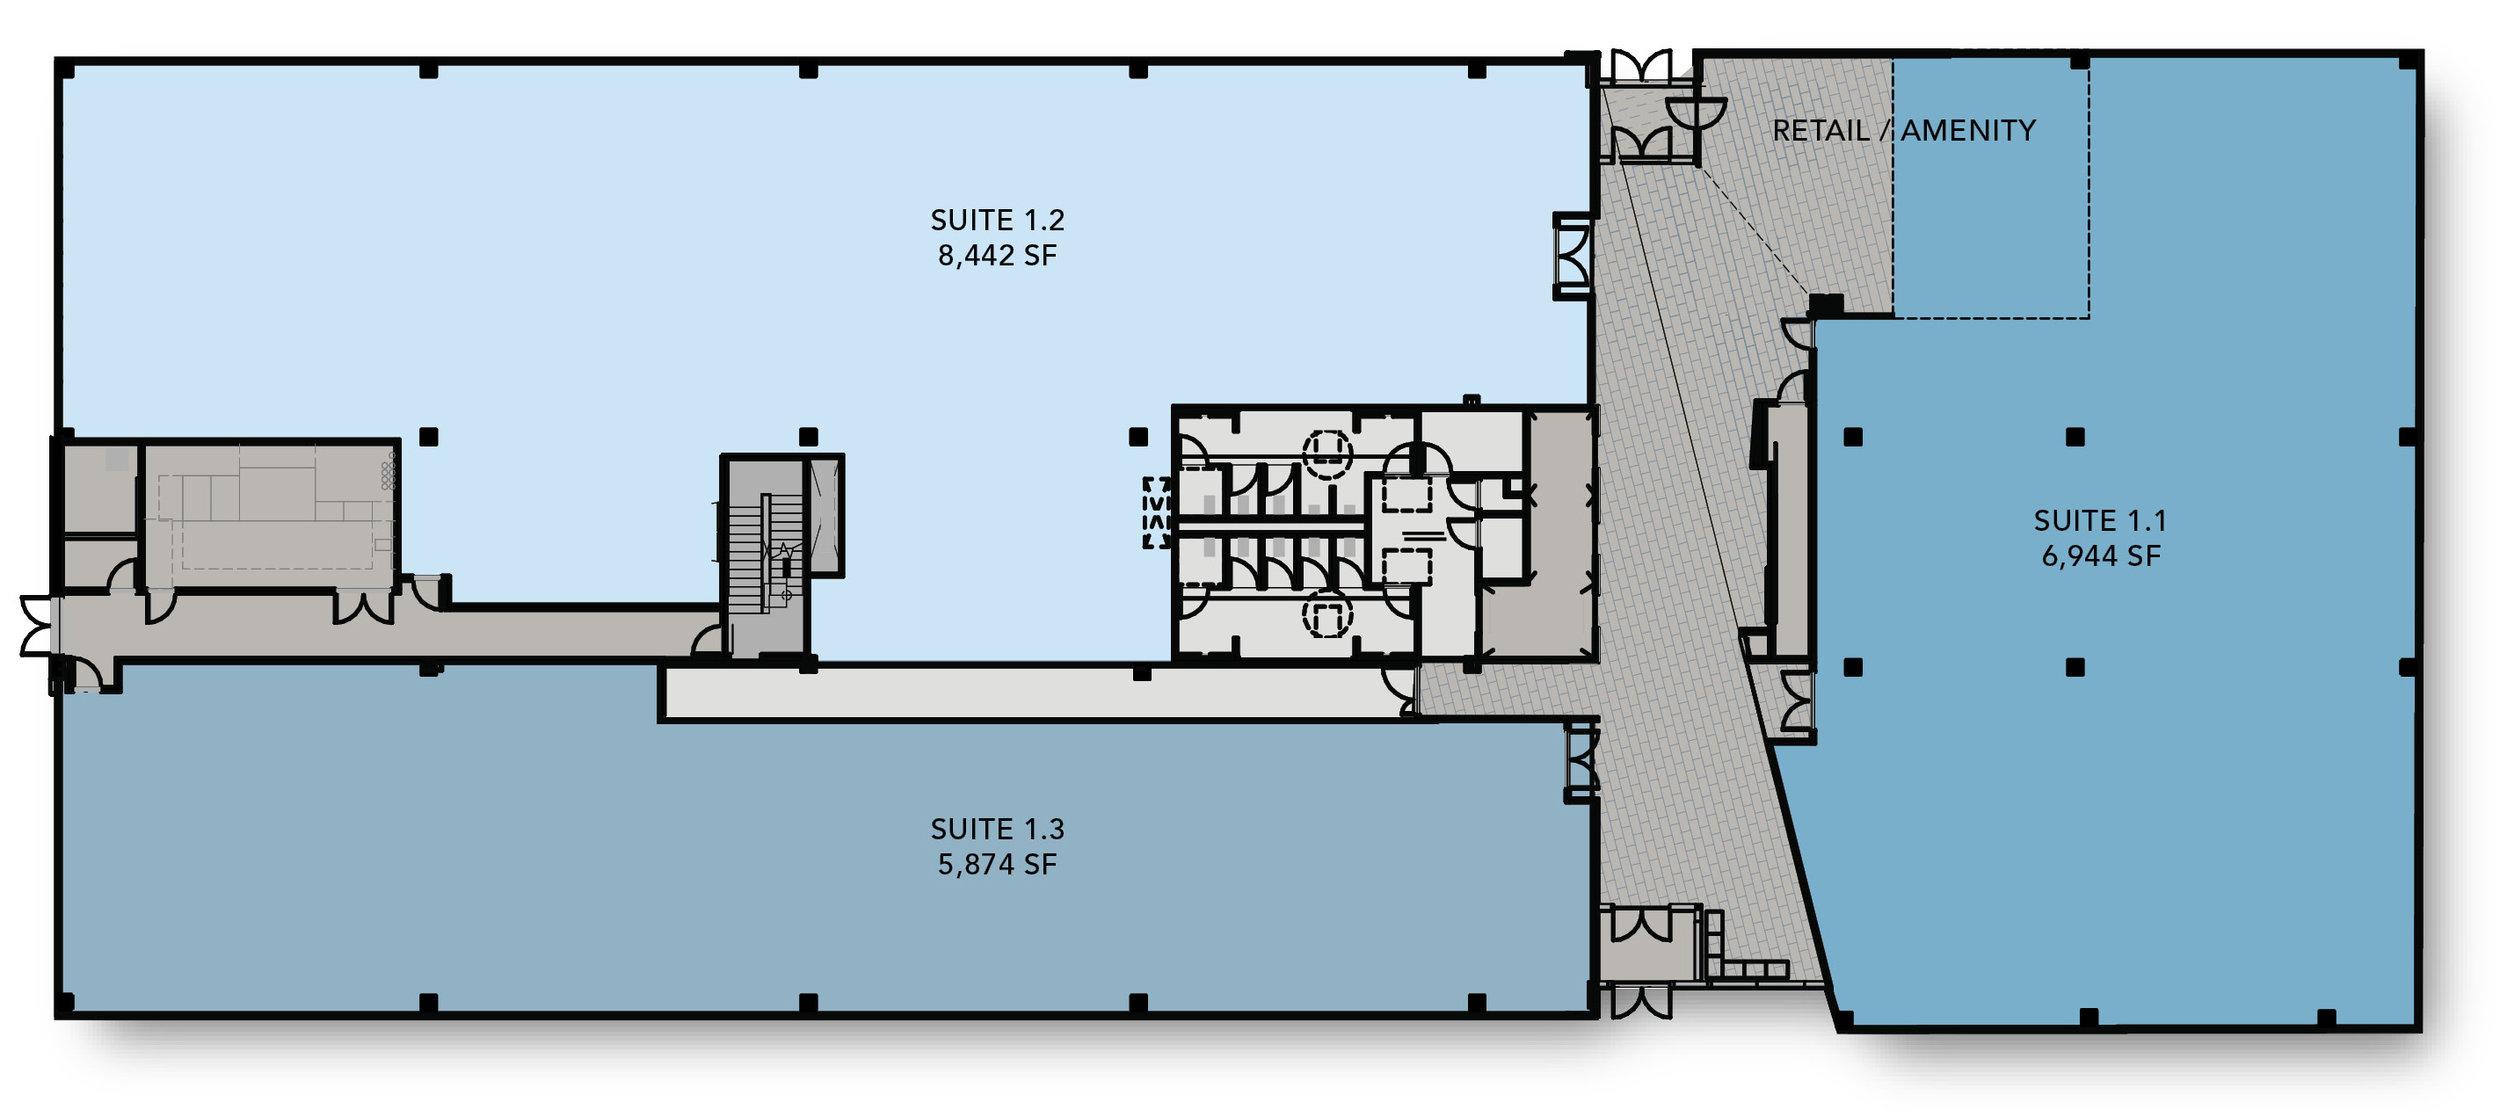 650Park_FloorplansMultiF1.jpg